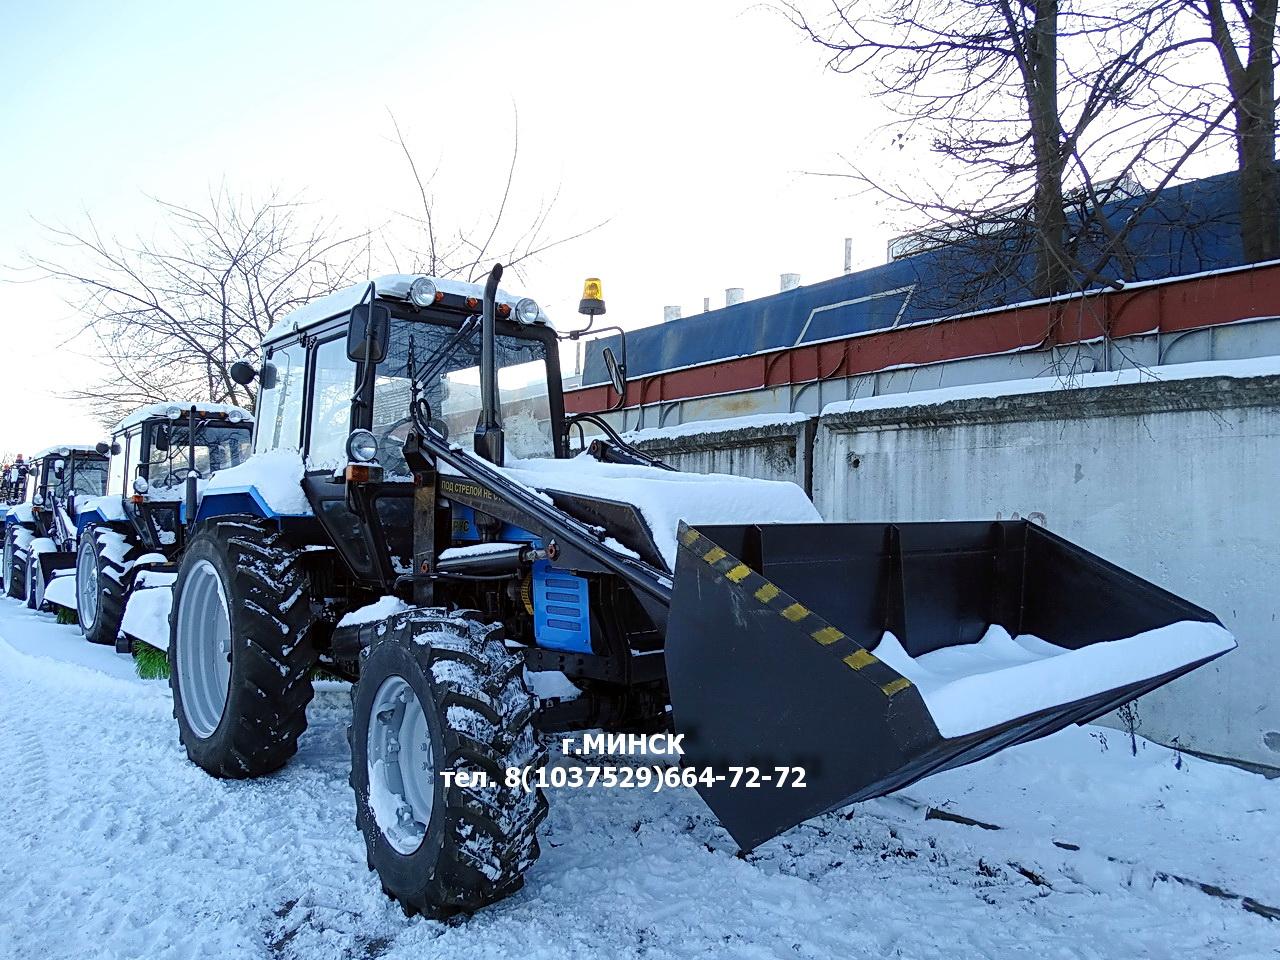 МУП-351 машина уборочно-погрузочная на базе МТЗ-82.1-23/12, г/п 1000 кг